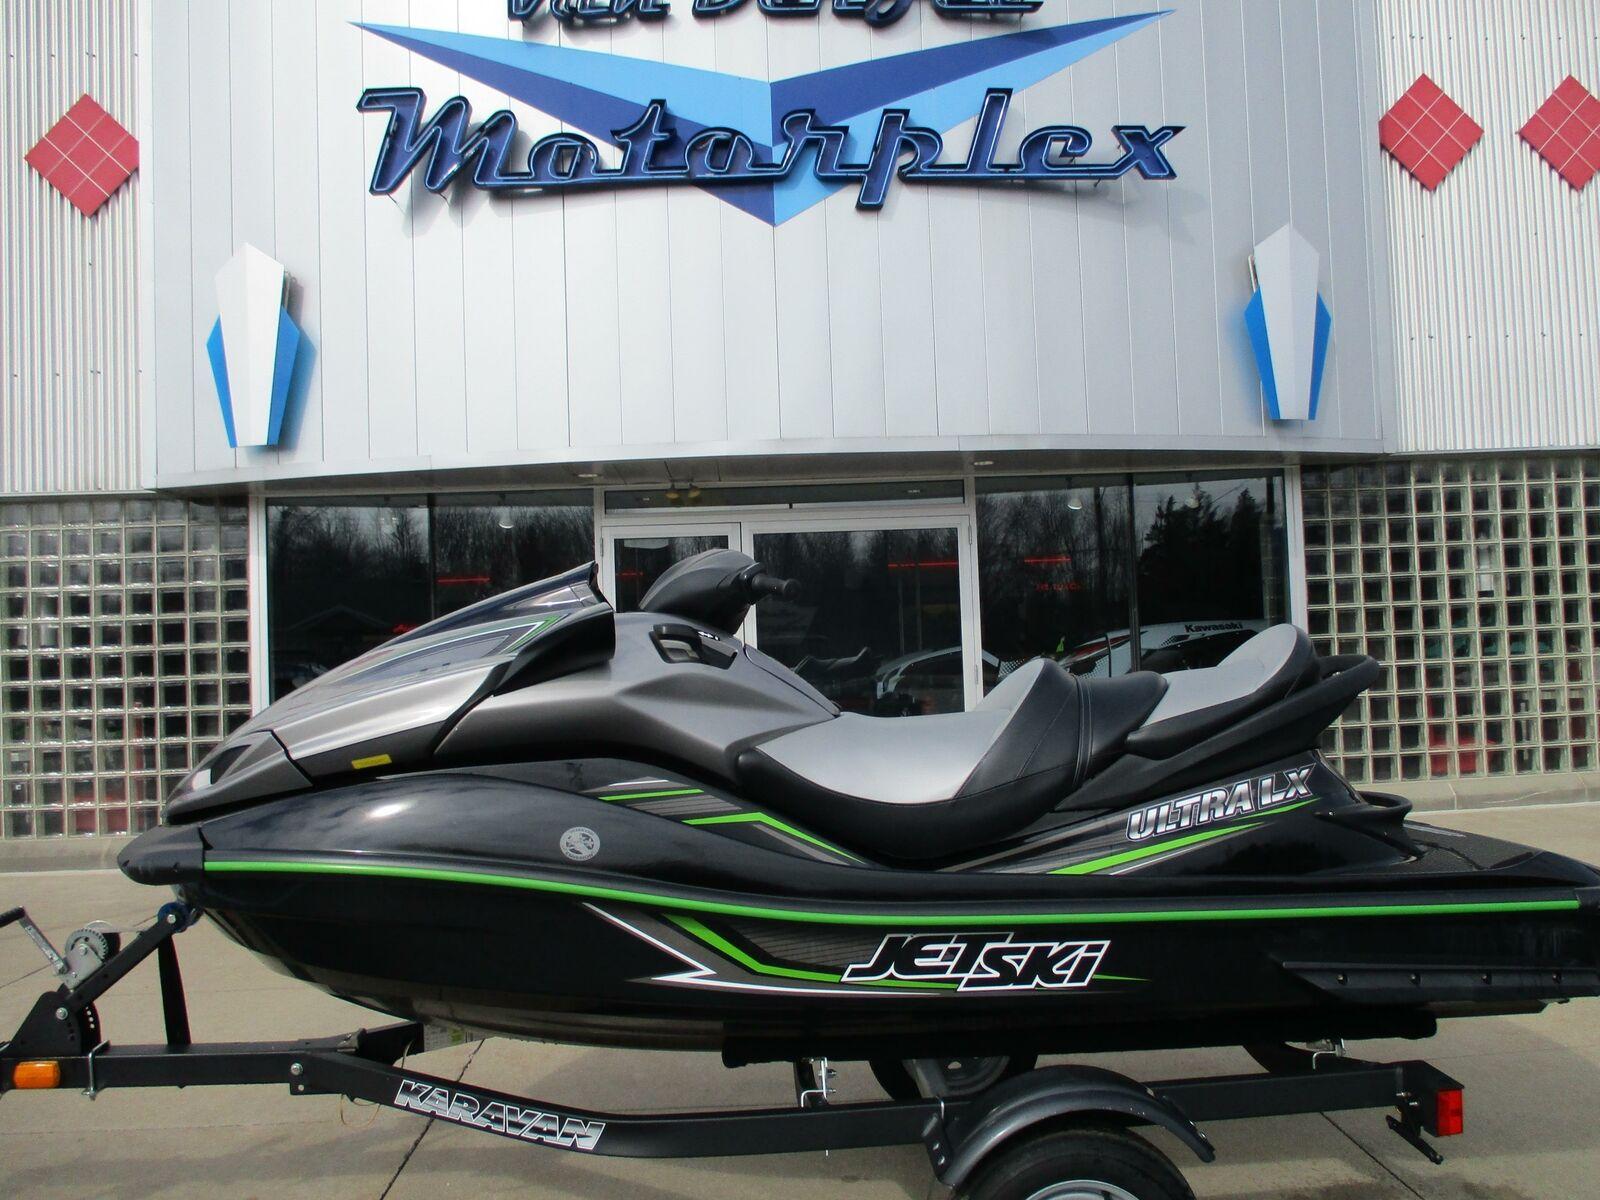 2015 kawasaki ultra lx Jet ski , like new, with warranty